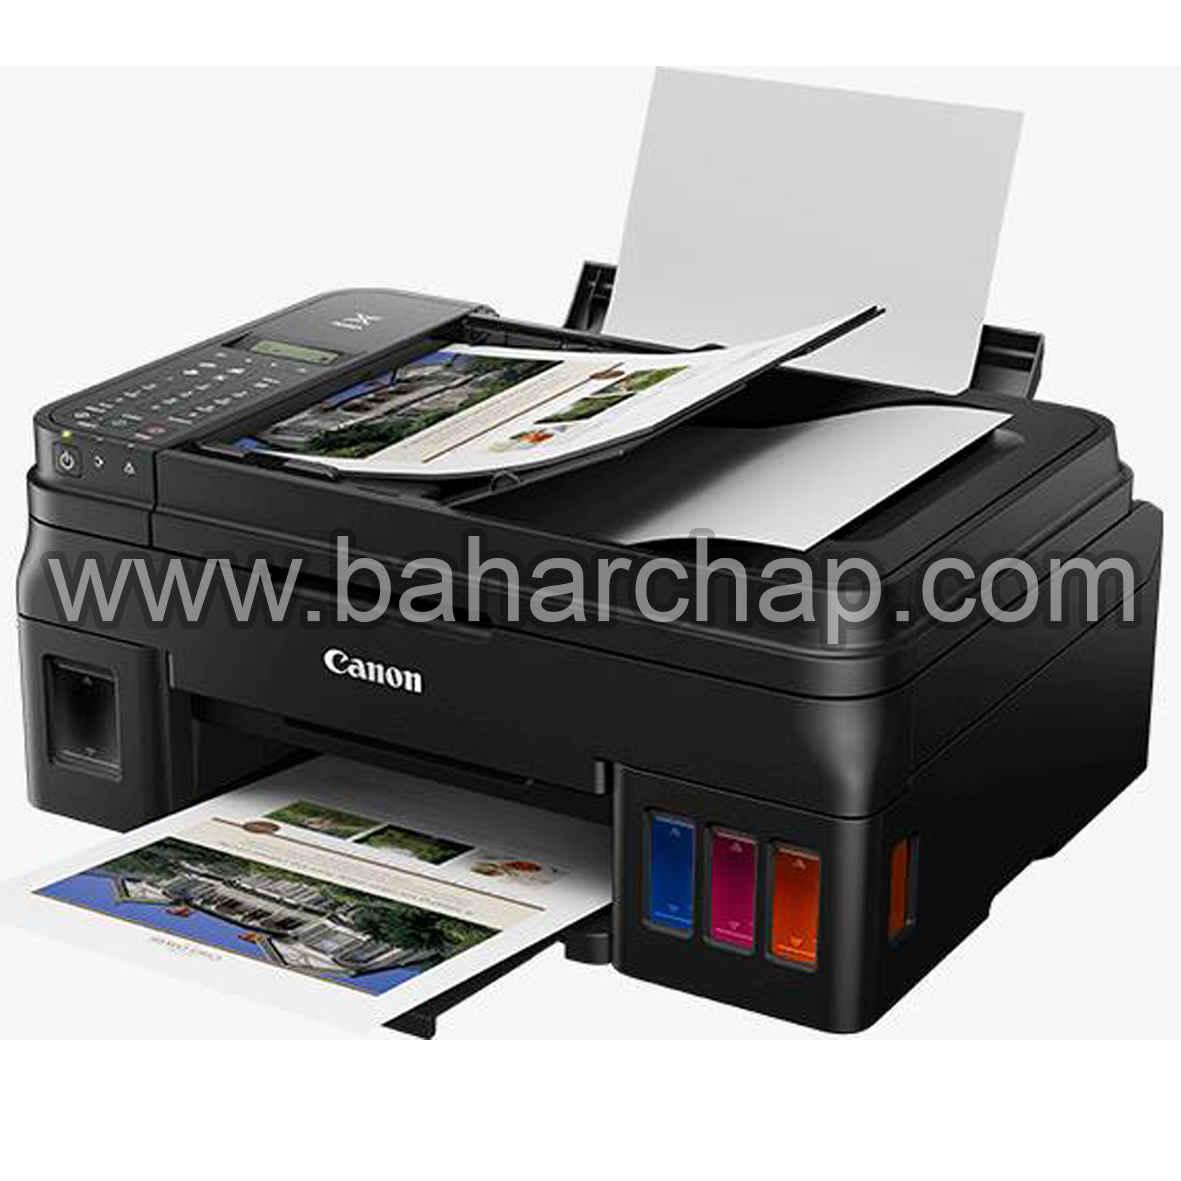 فروشگاه و خدمات اینترنتی بهارچاپ اصفهان-دانلود نرم افزار ریست پرینتر Canon G4410-Reset canon by ST5105